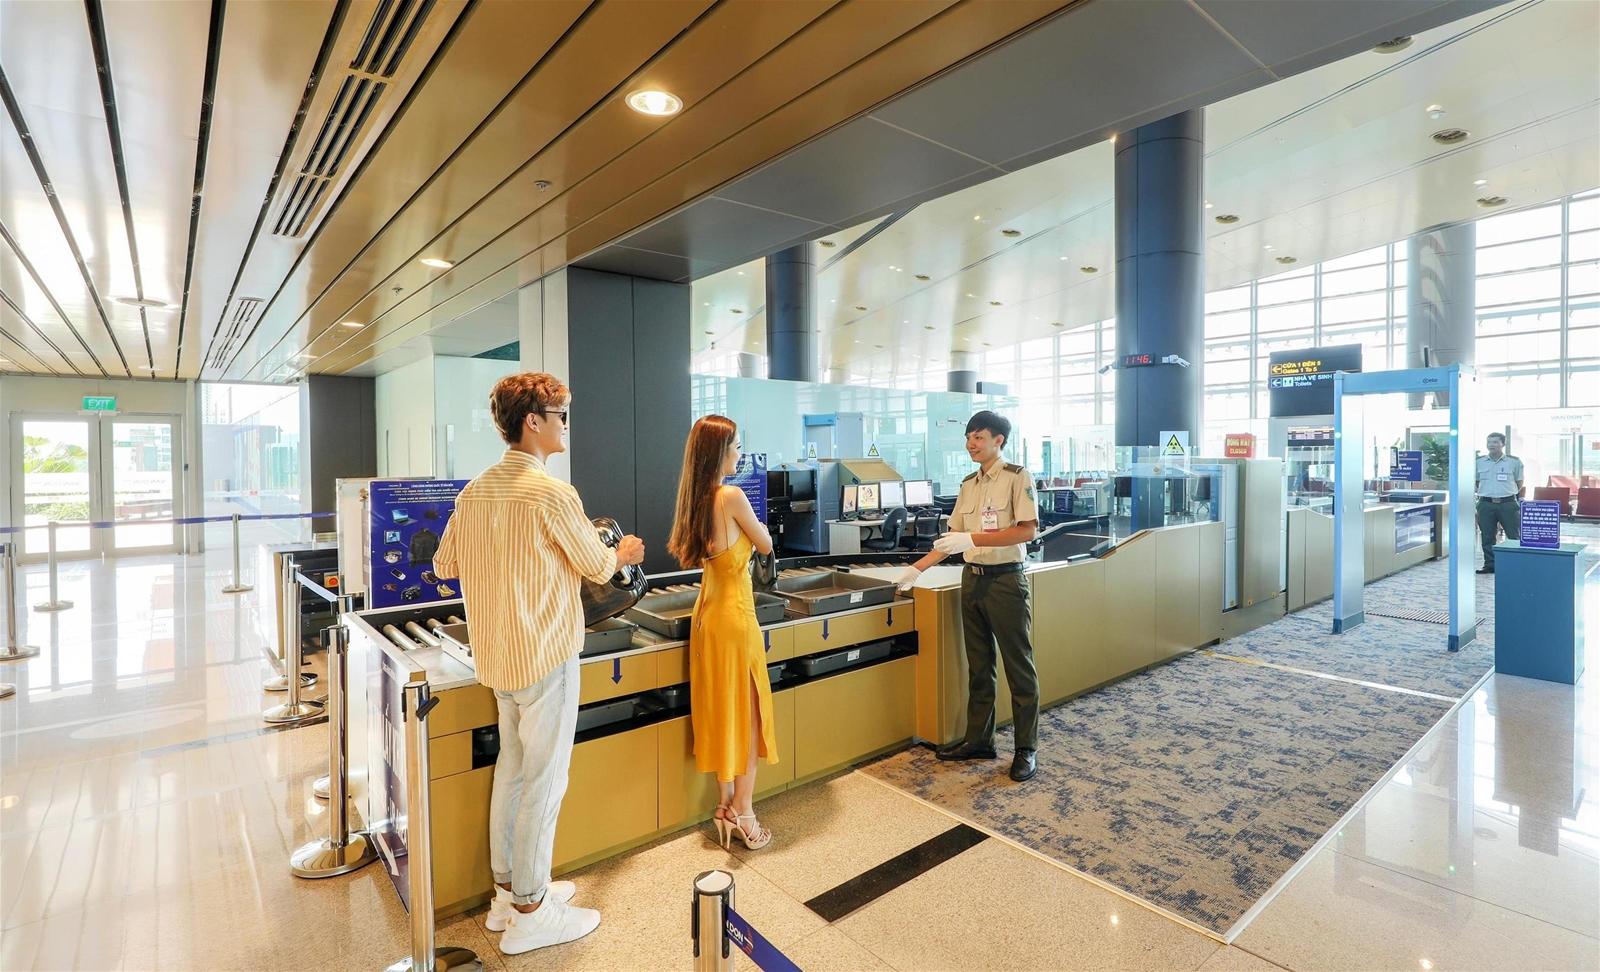 """Chiêm ngưỡng không gian tuyệt mỹ của """"Sân bay mới hàng đầu châu Á"""""""